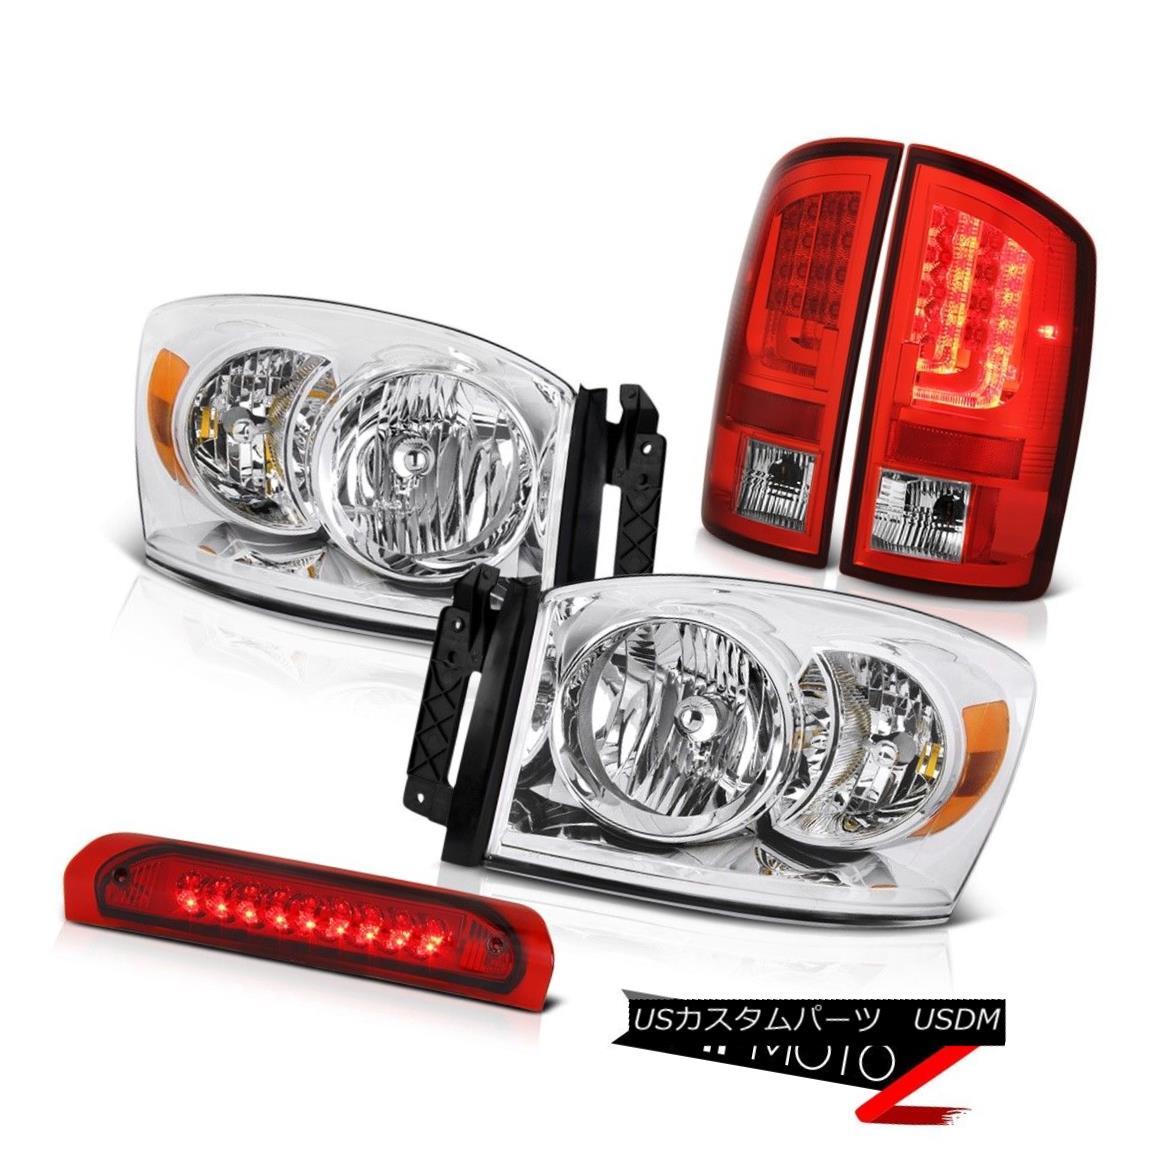 テールライト 07-09 Dodge Ram 2500 1500 3.7L Red Taillamps Headlights Roof Cab Light Tron Tube 07-09ダッジラム2500 1500 3.7Lレッドタイルランプヘッドライトルーフキャブライトトロンチューブ